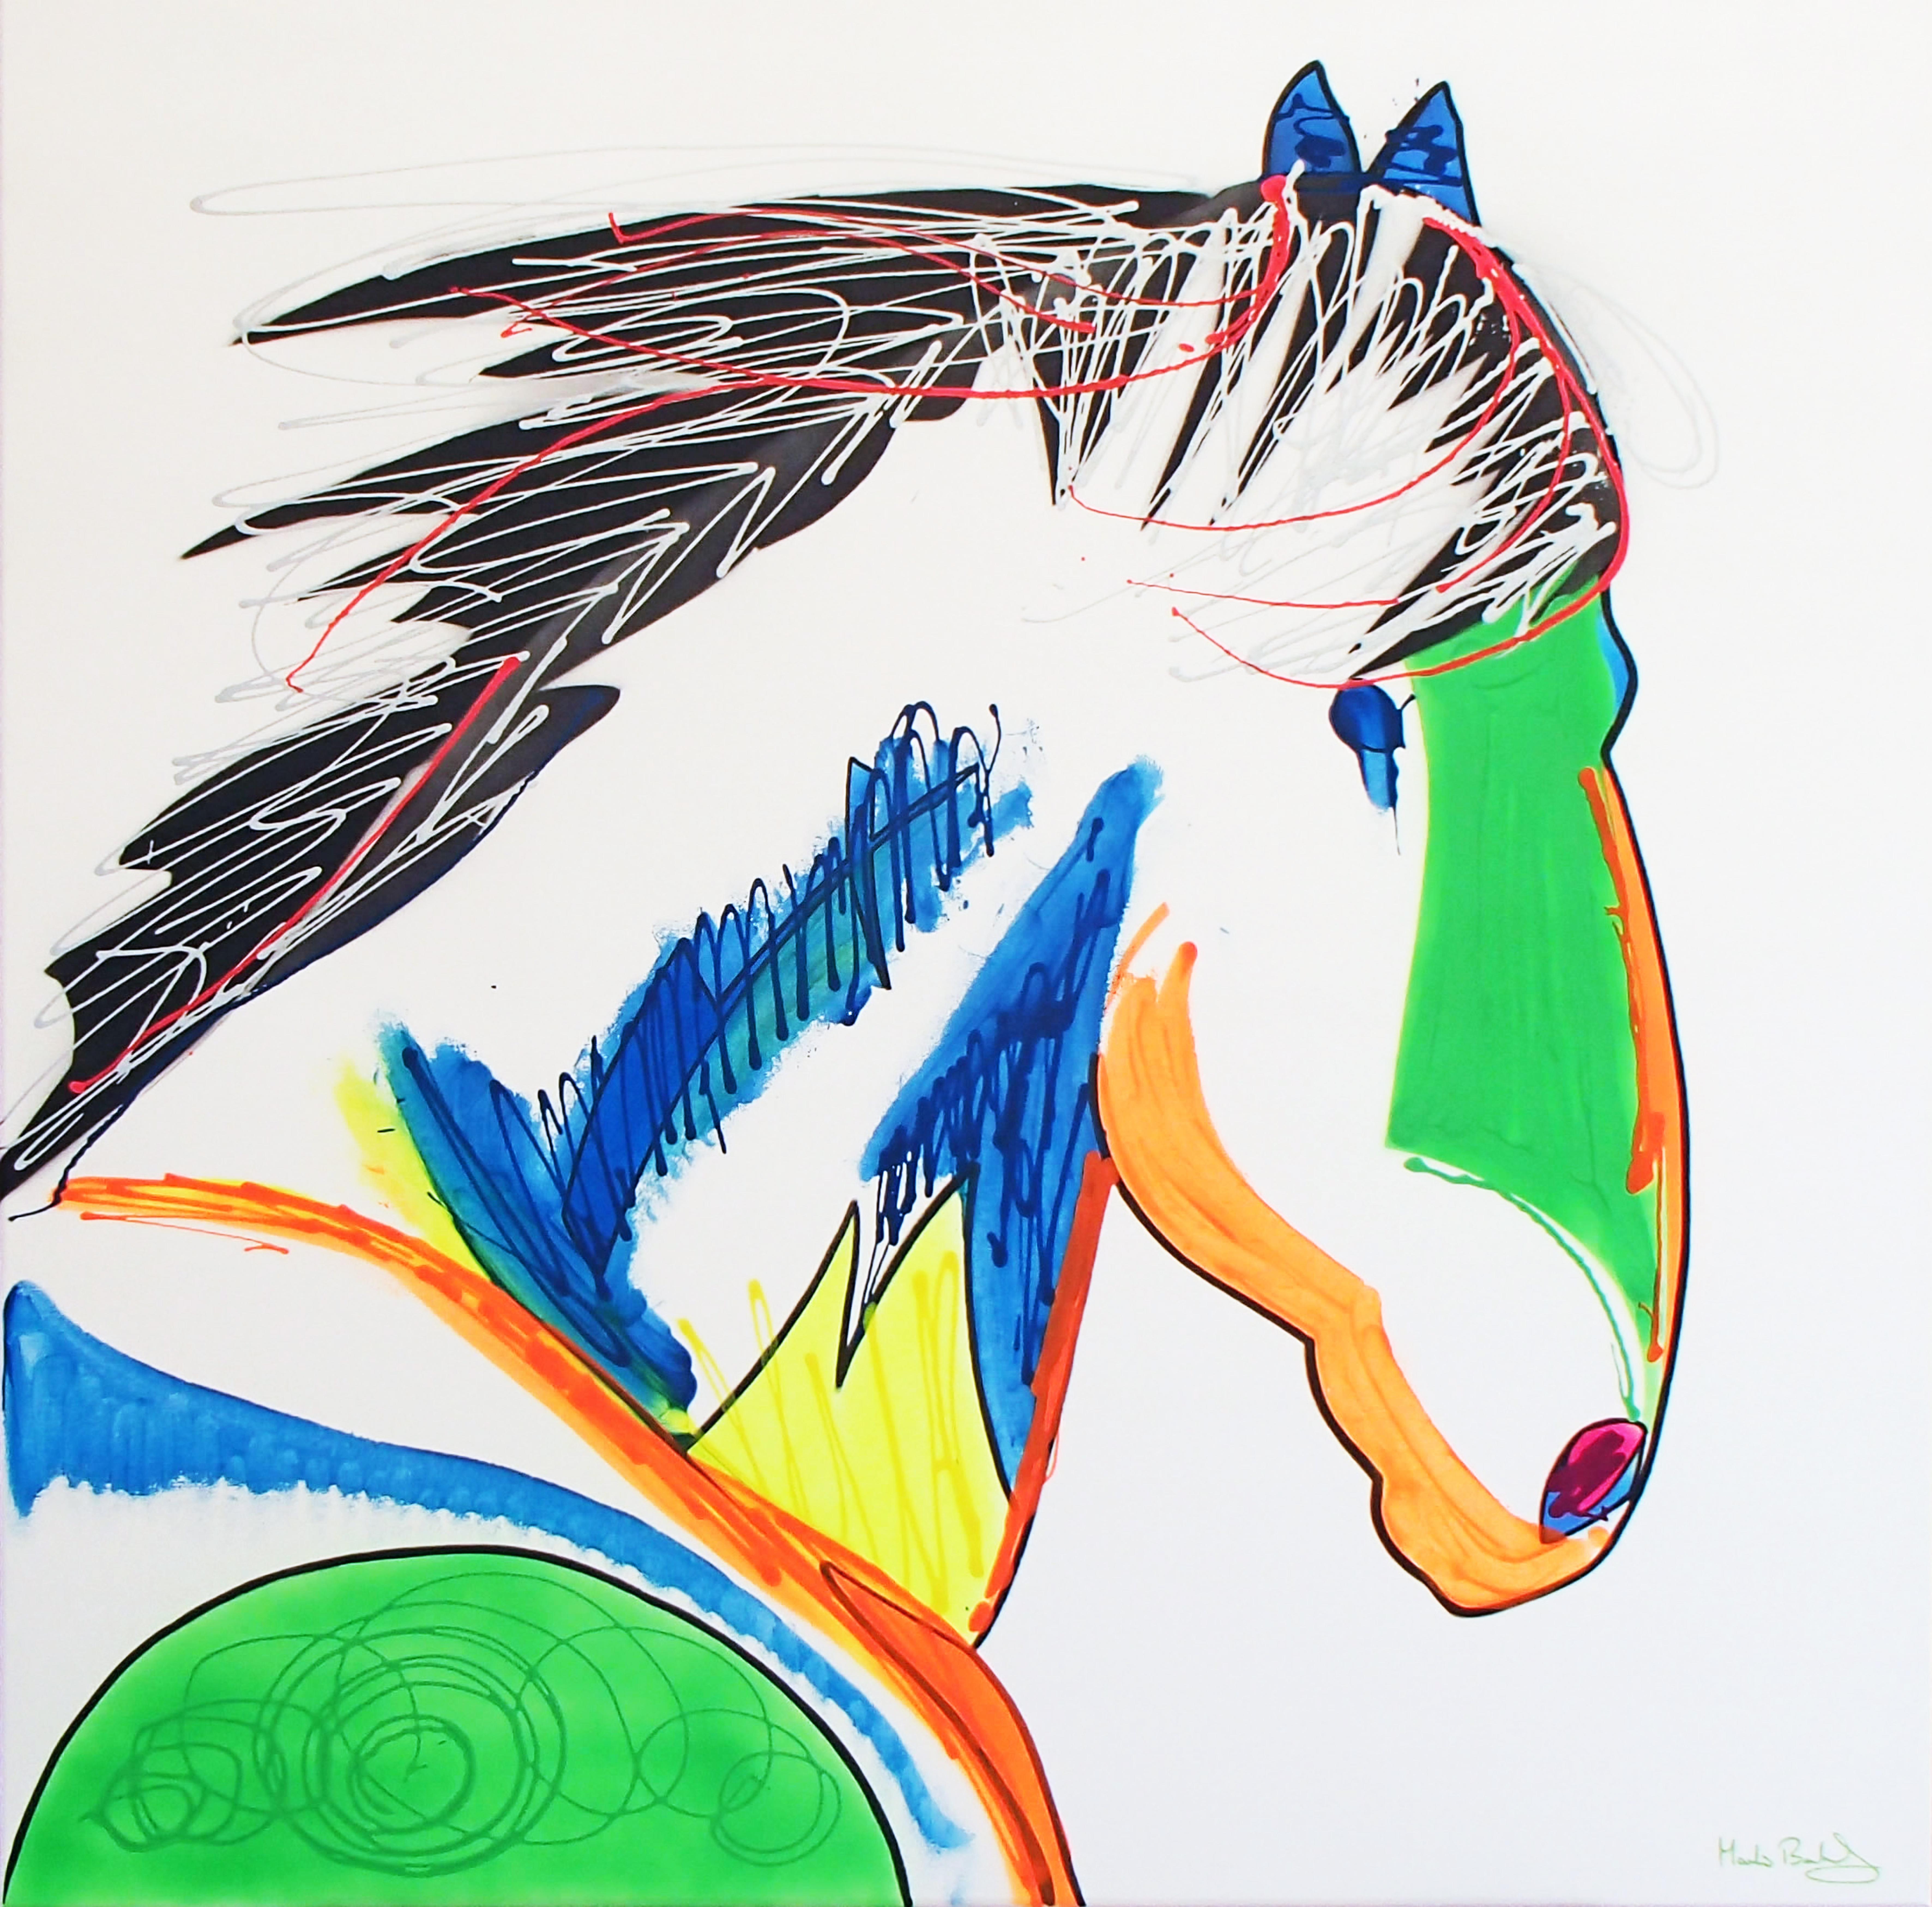 Available - Tears of a Horse, 80cm x 80cm, £395